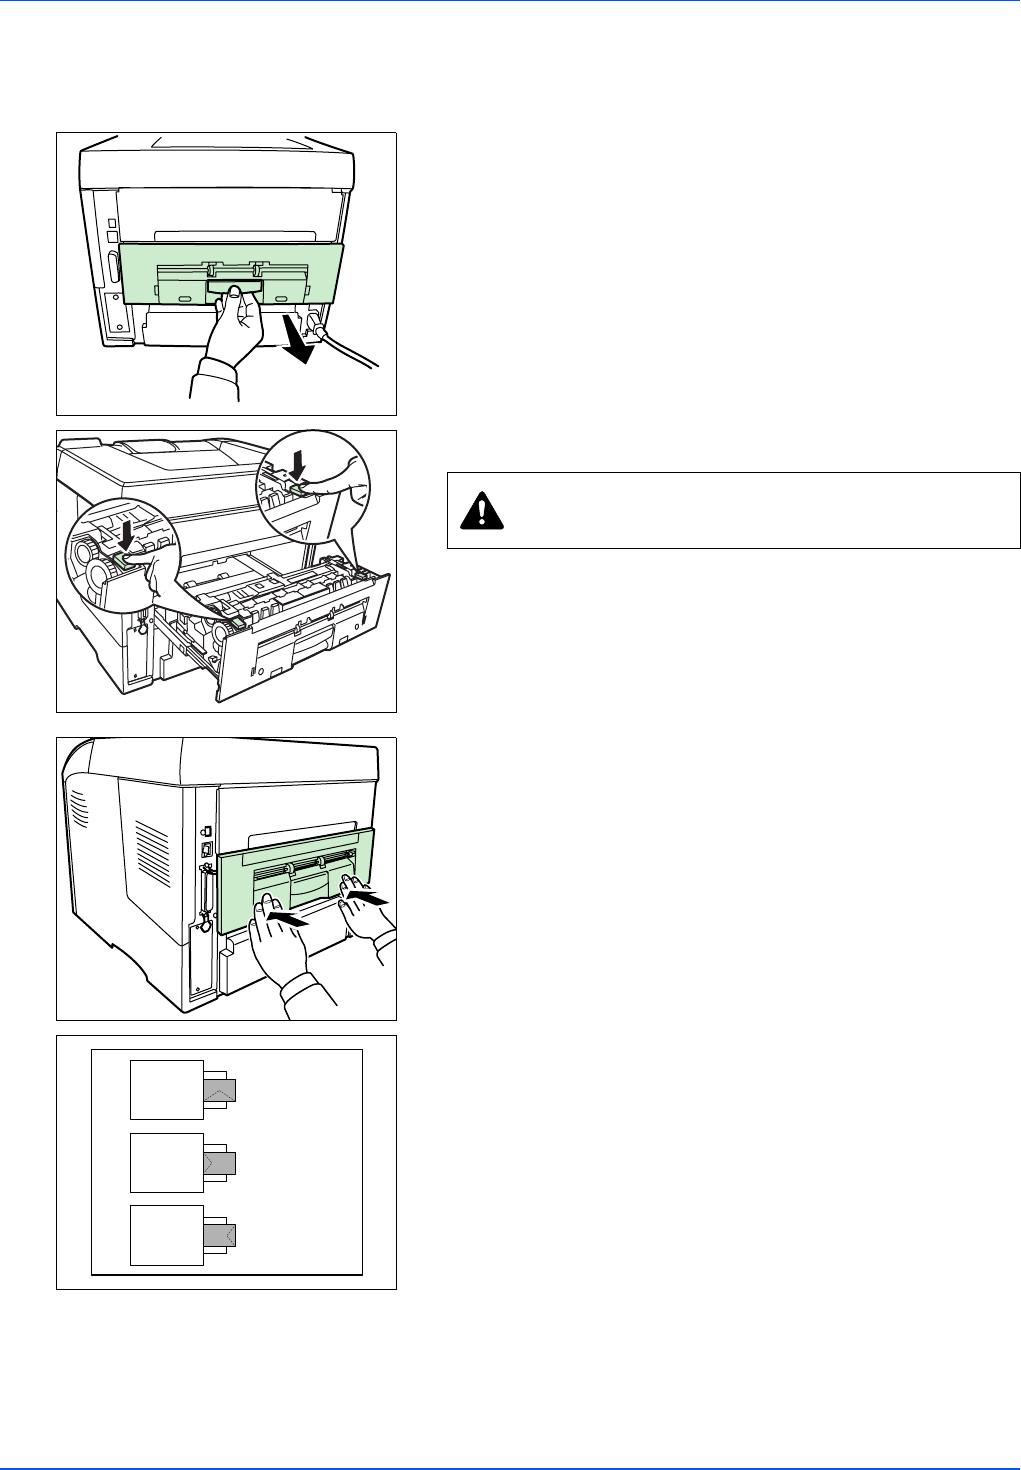 Kyocera FS-3920DN Loading Envelopes into the MP Tray